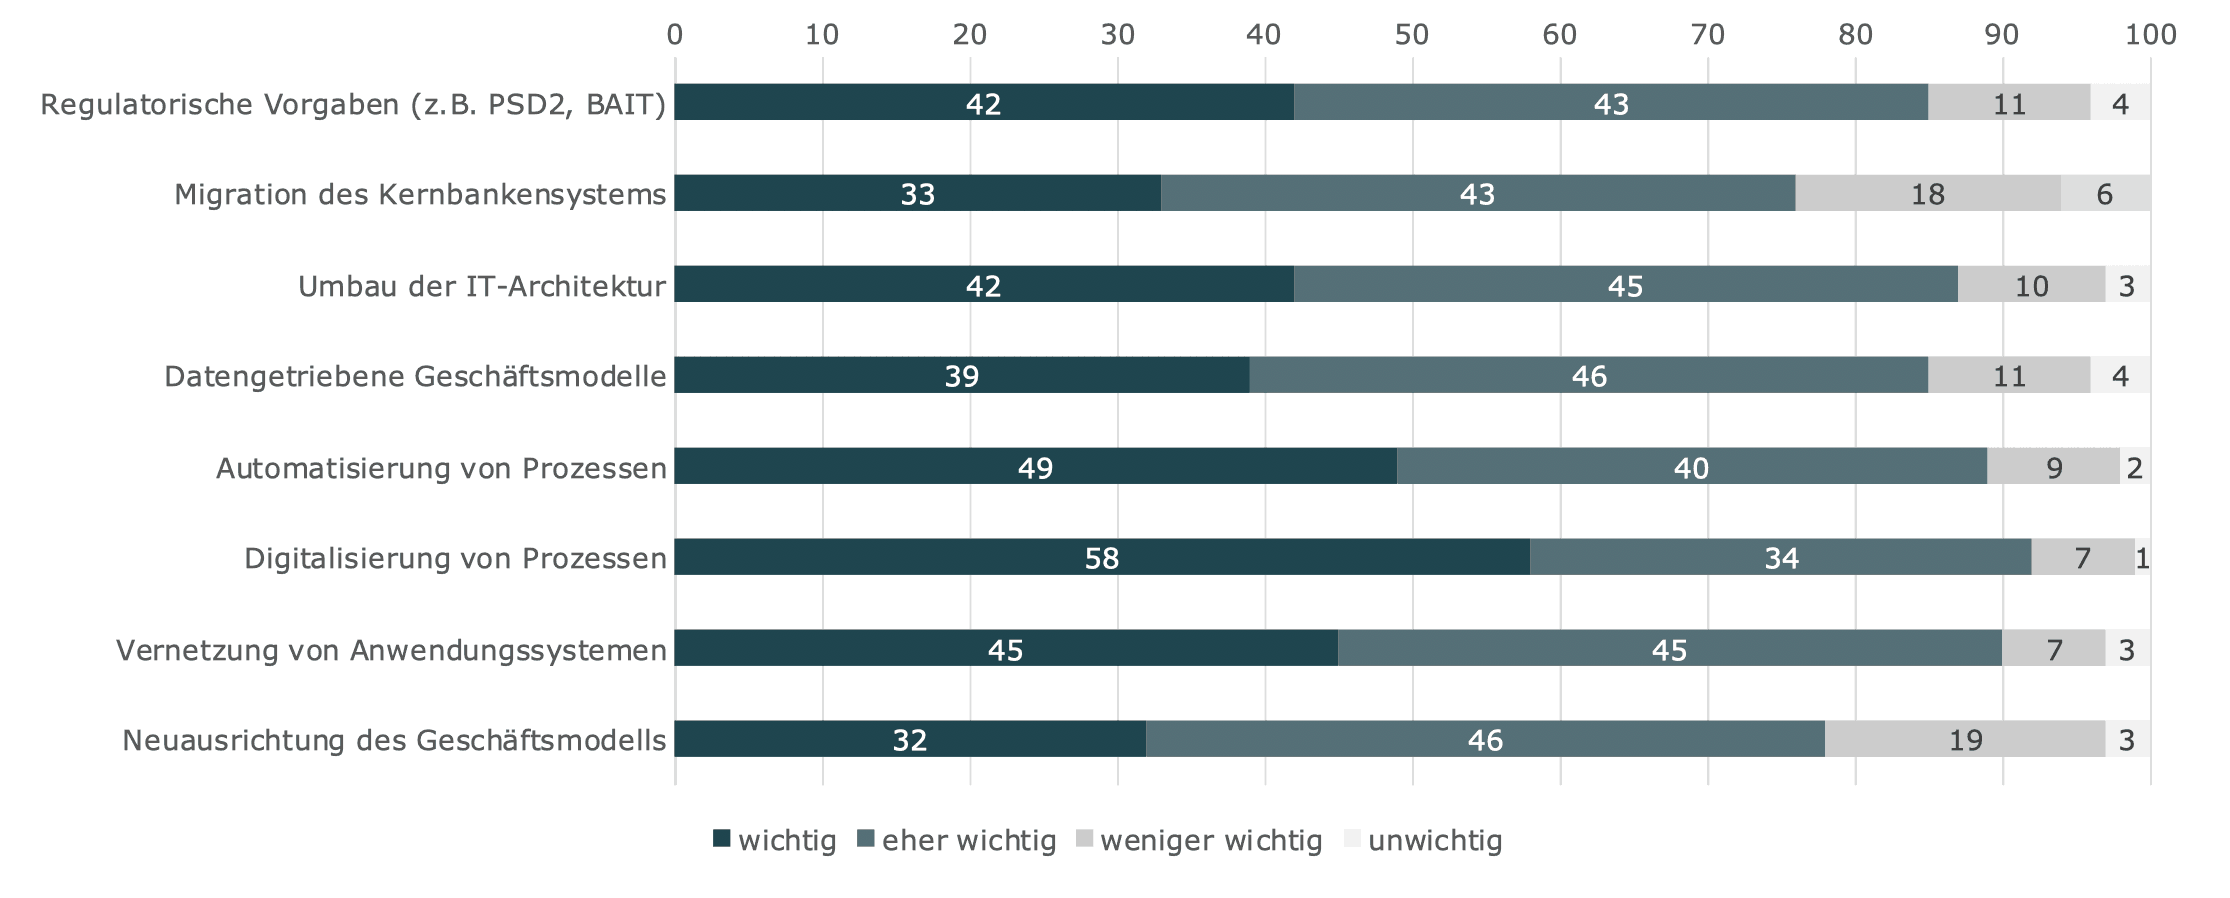 Senacor-Studie: So wichtig sind die Aufgaben, mit denen sich die Banken gerade beschäftigen.